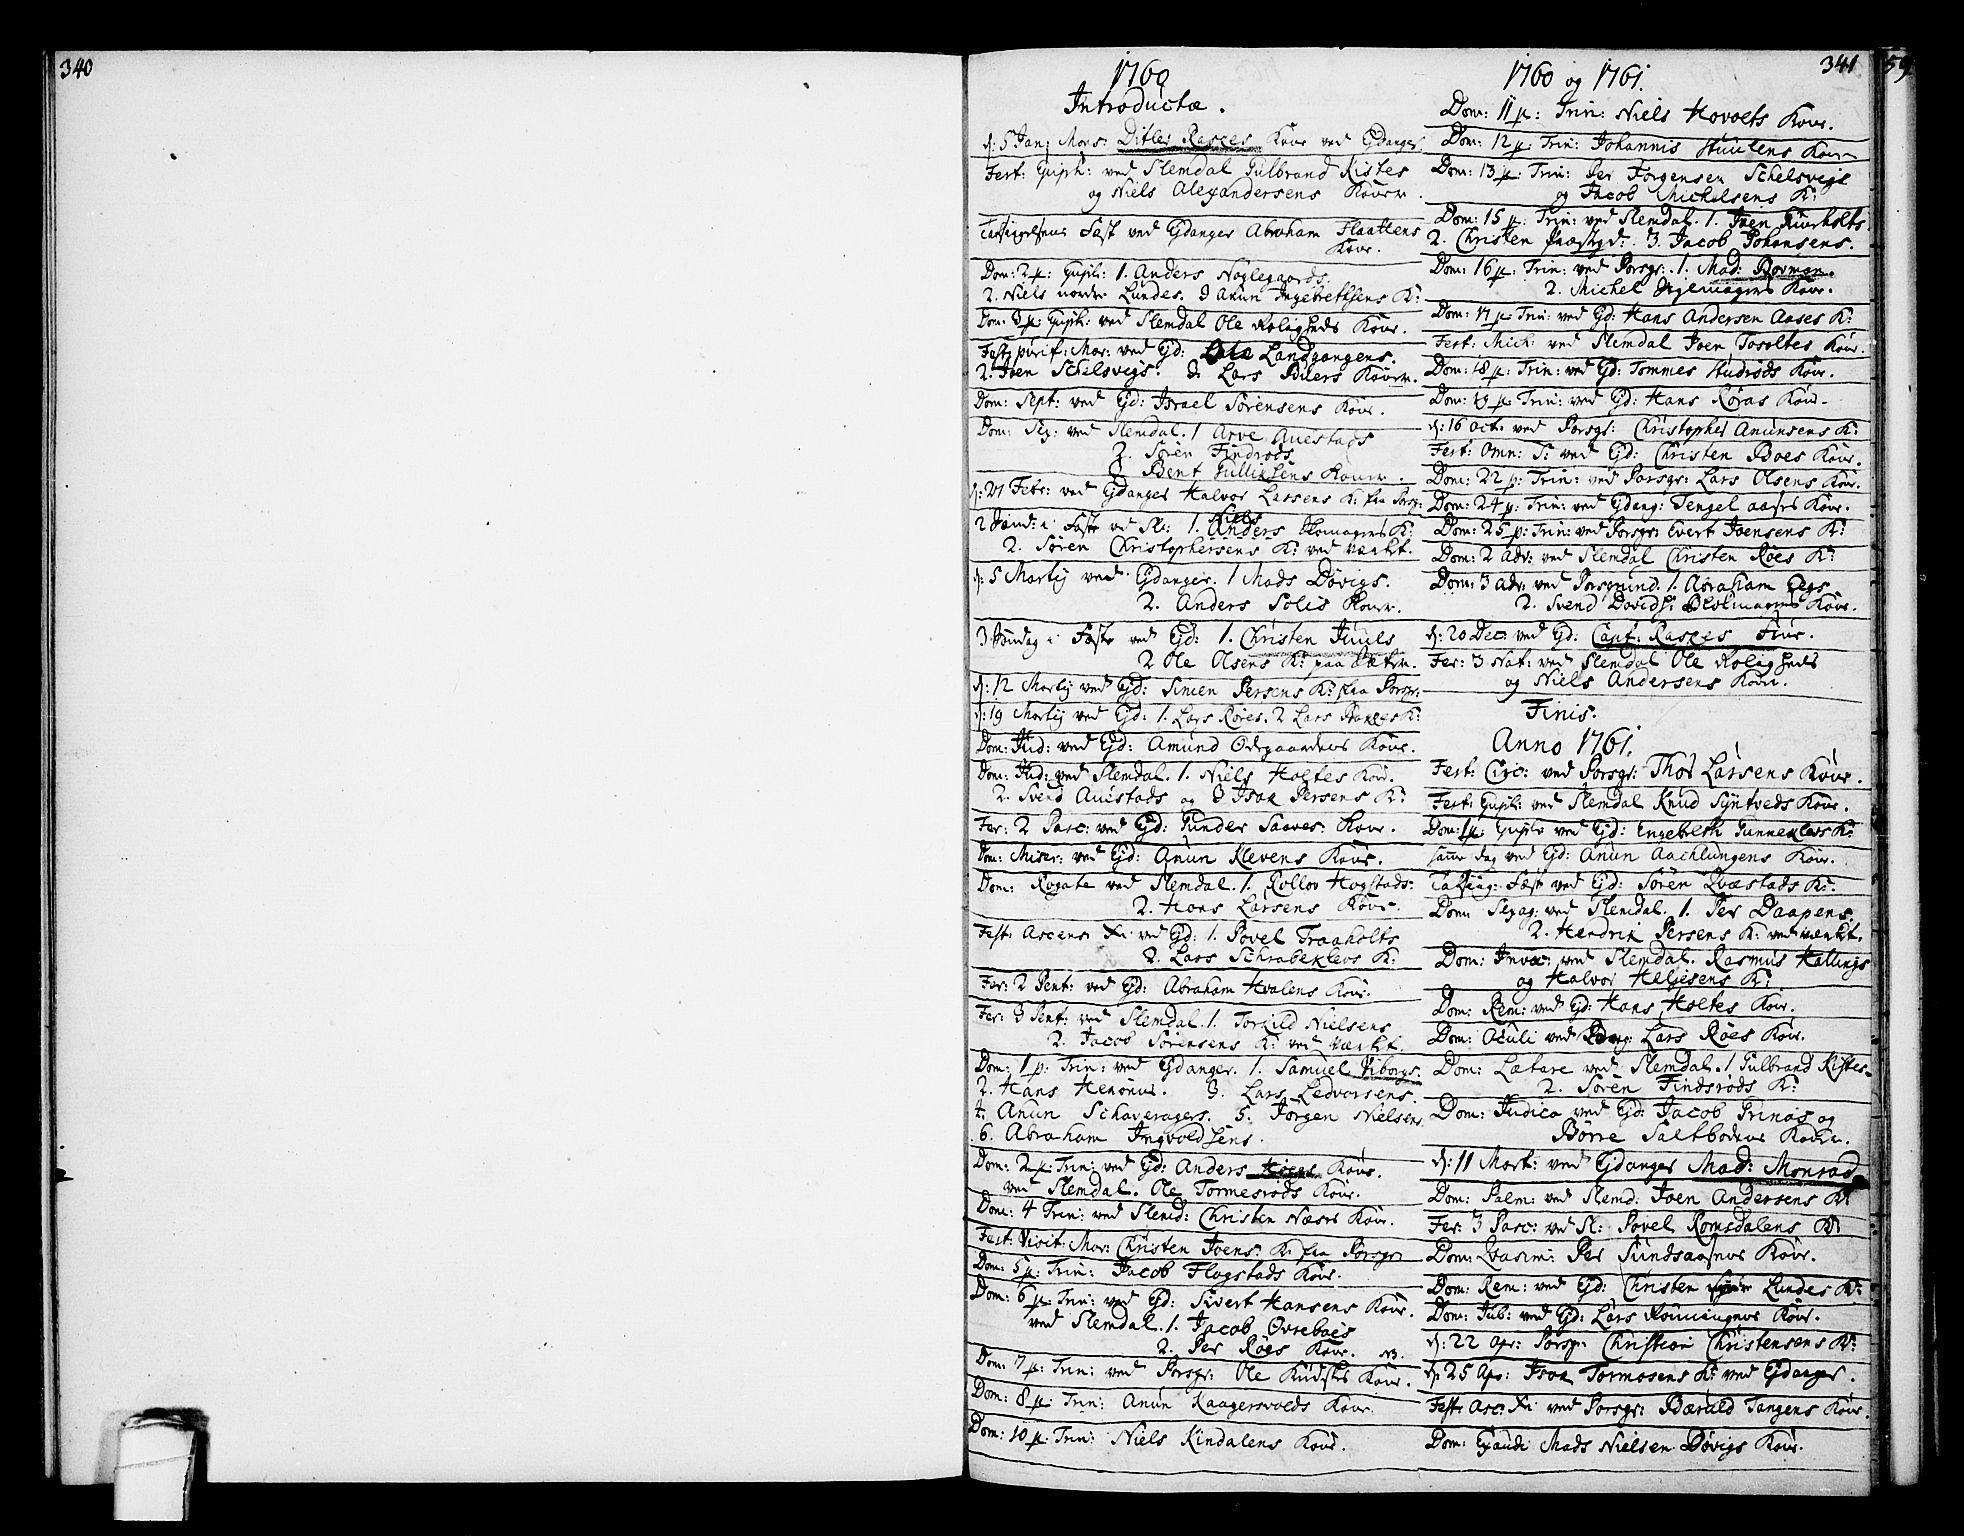 SAKO, Eidanger kirkebøker, F/Fa/L0005: Ministerialbok nr. 5, 1760-1764, s. 340-341